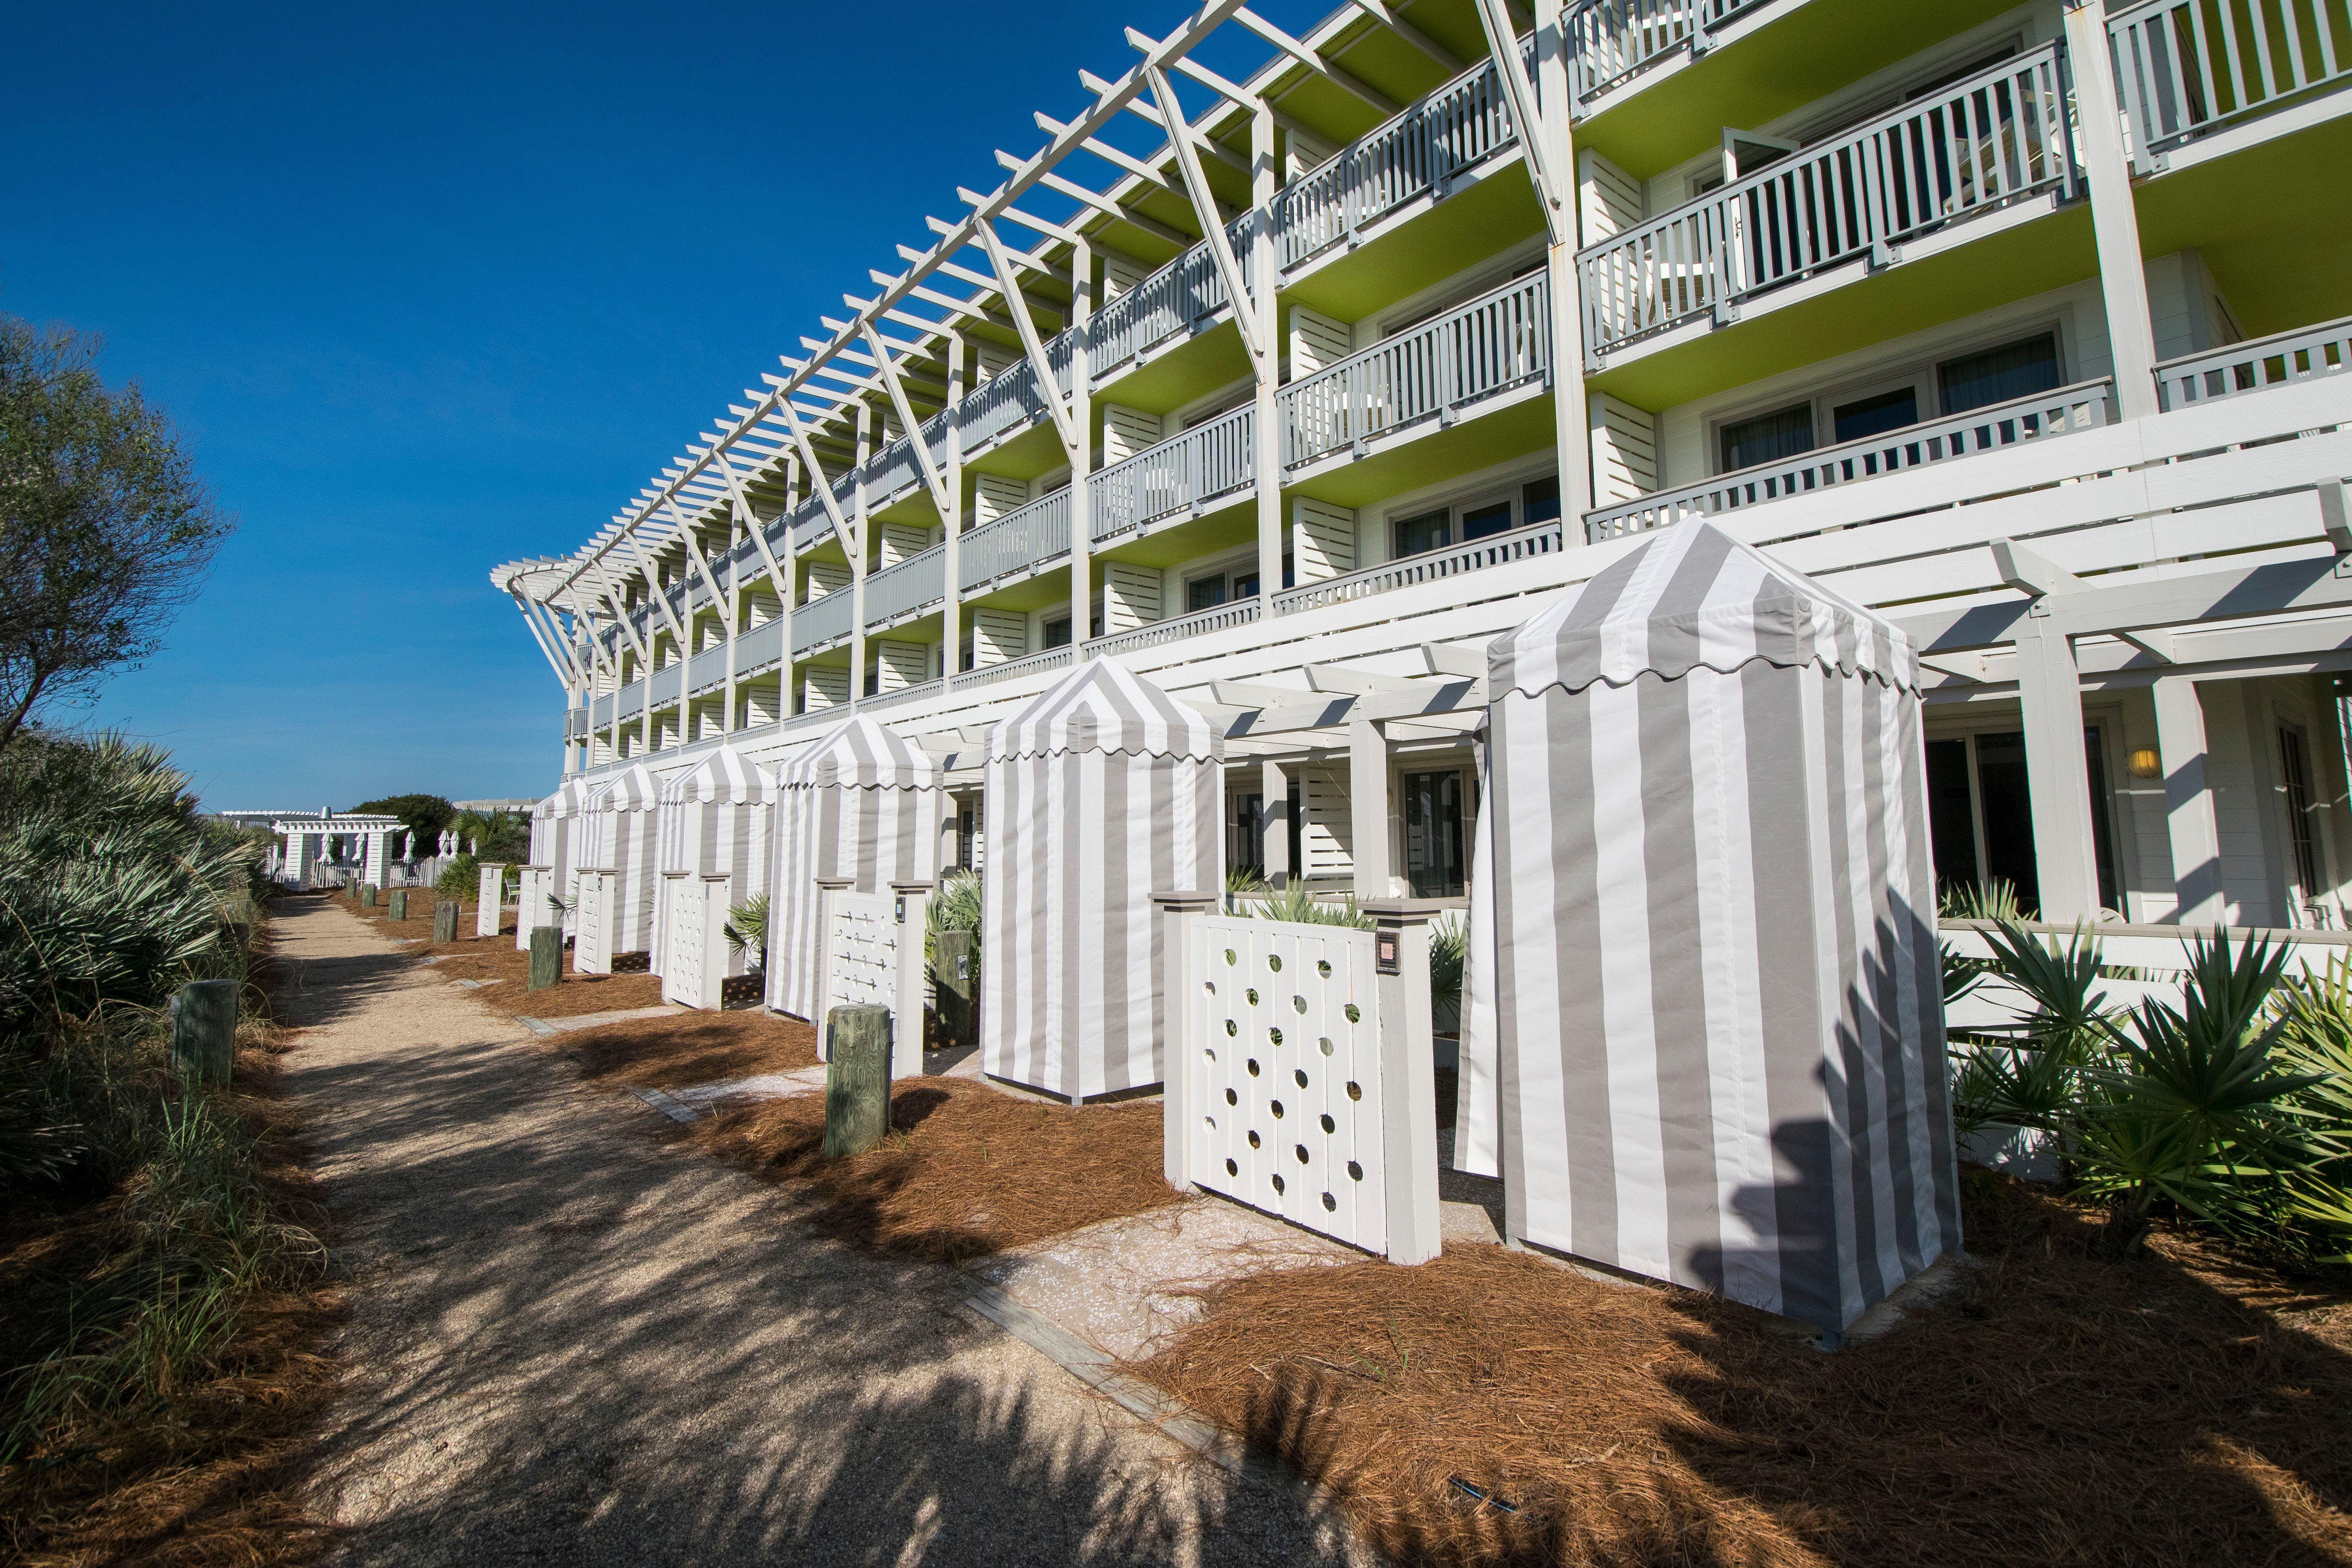 Watercolor Inn Watercolor Florida South Walton Resort 30a Watercolor Inn And Resort Santa Rosa Beach Fl Resort